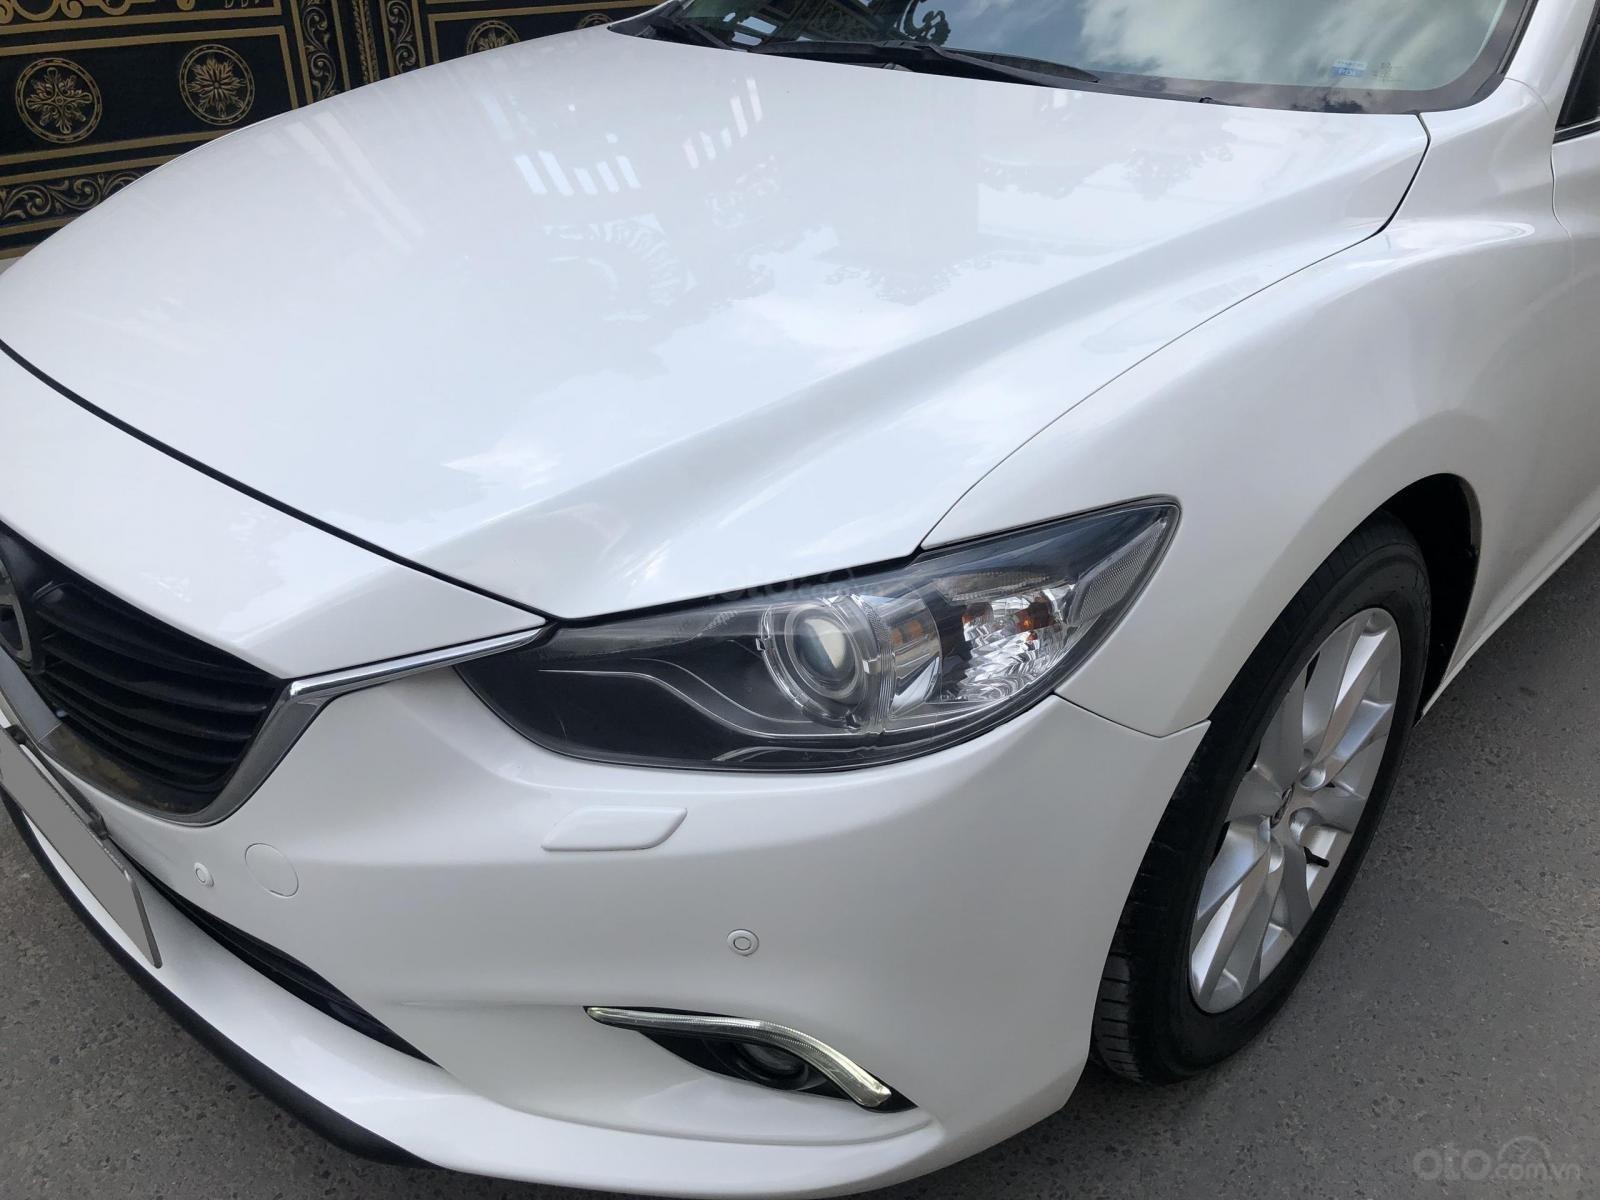 Mình cần bán Mazda 6 bản full trắng tinh 2017, đi kỹ như mới (9)